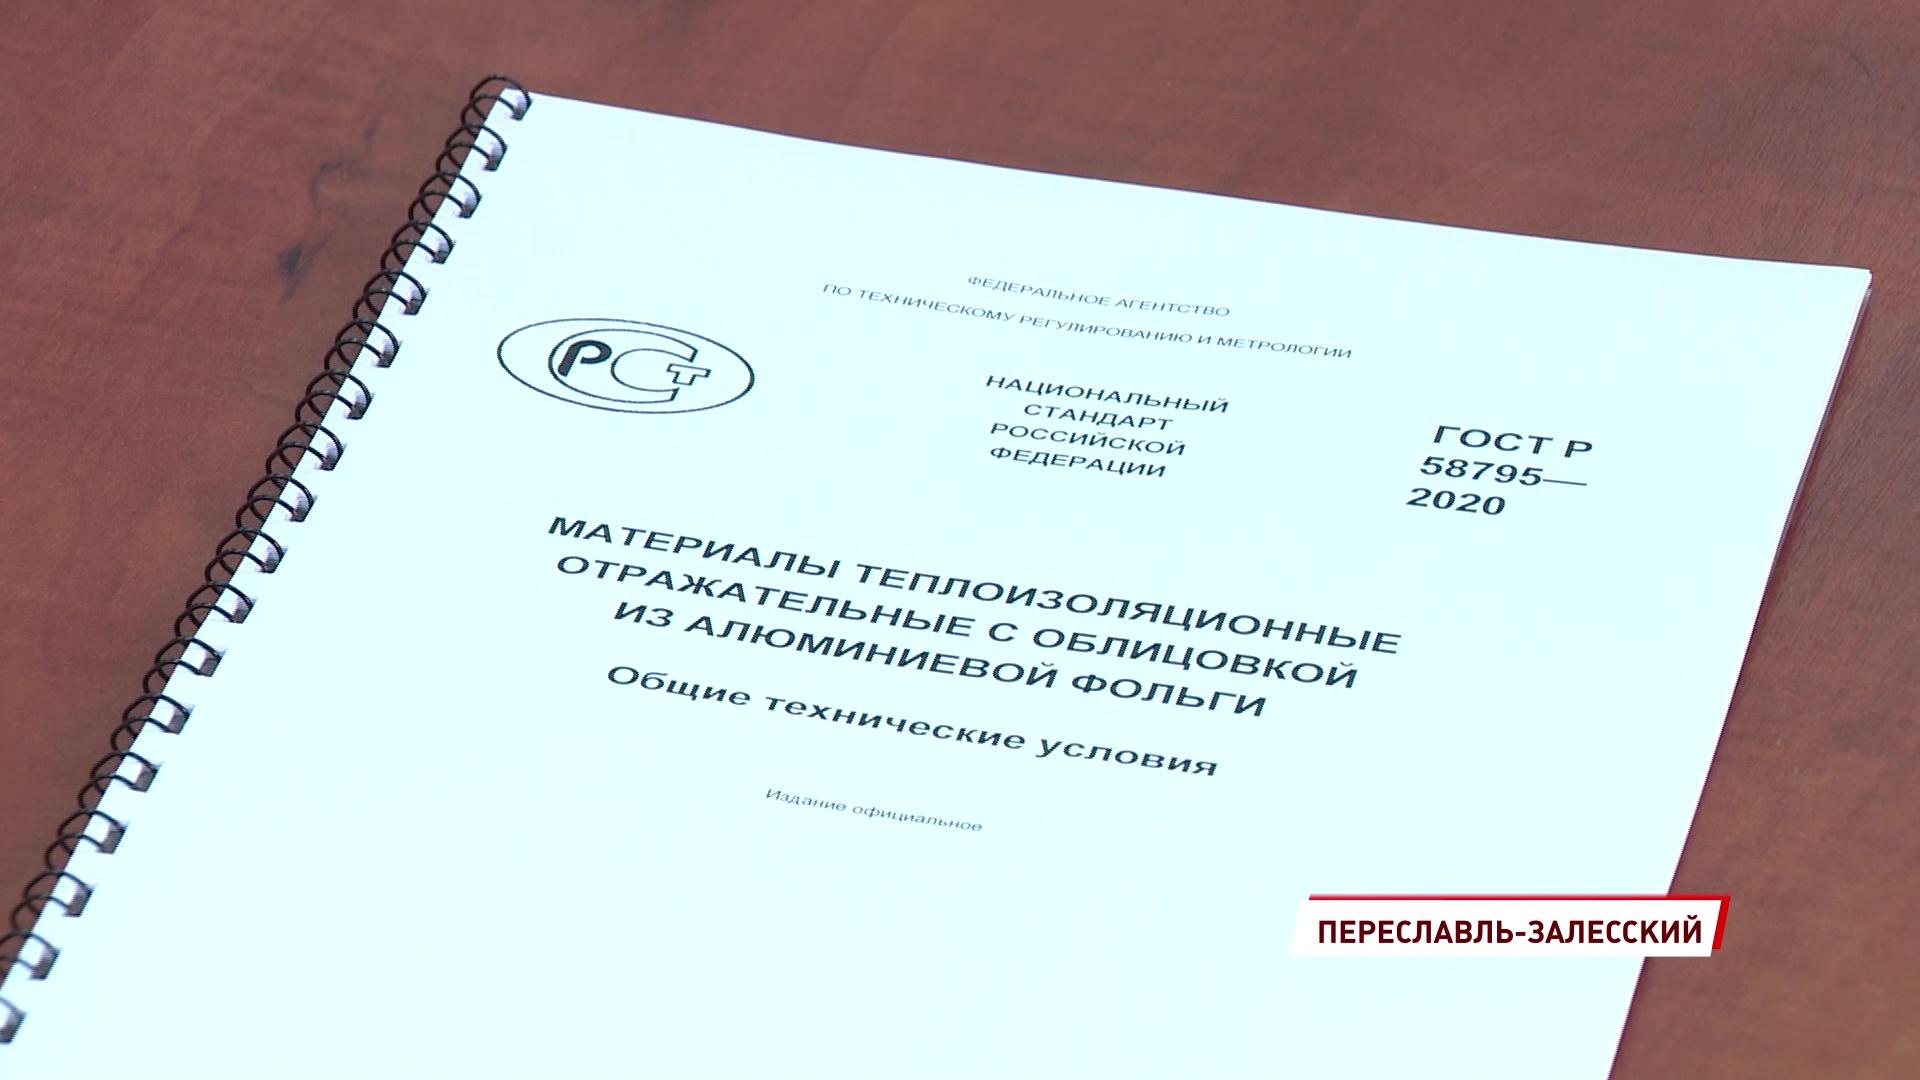 Переславский завод разработал ГОСТ для теплоизоляционных материалов